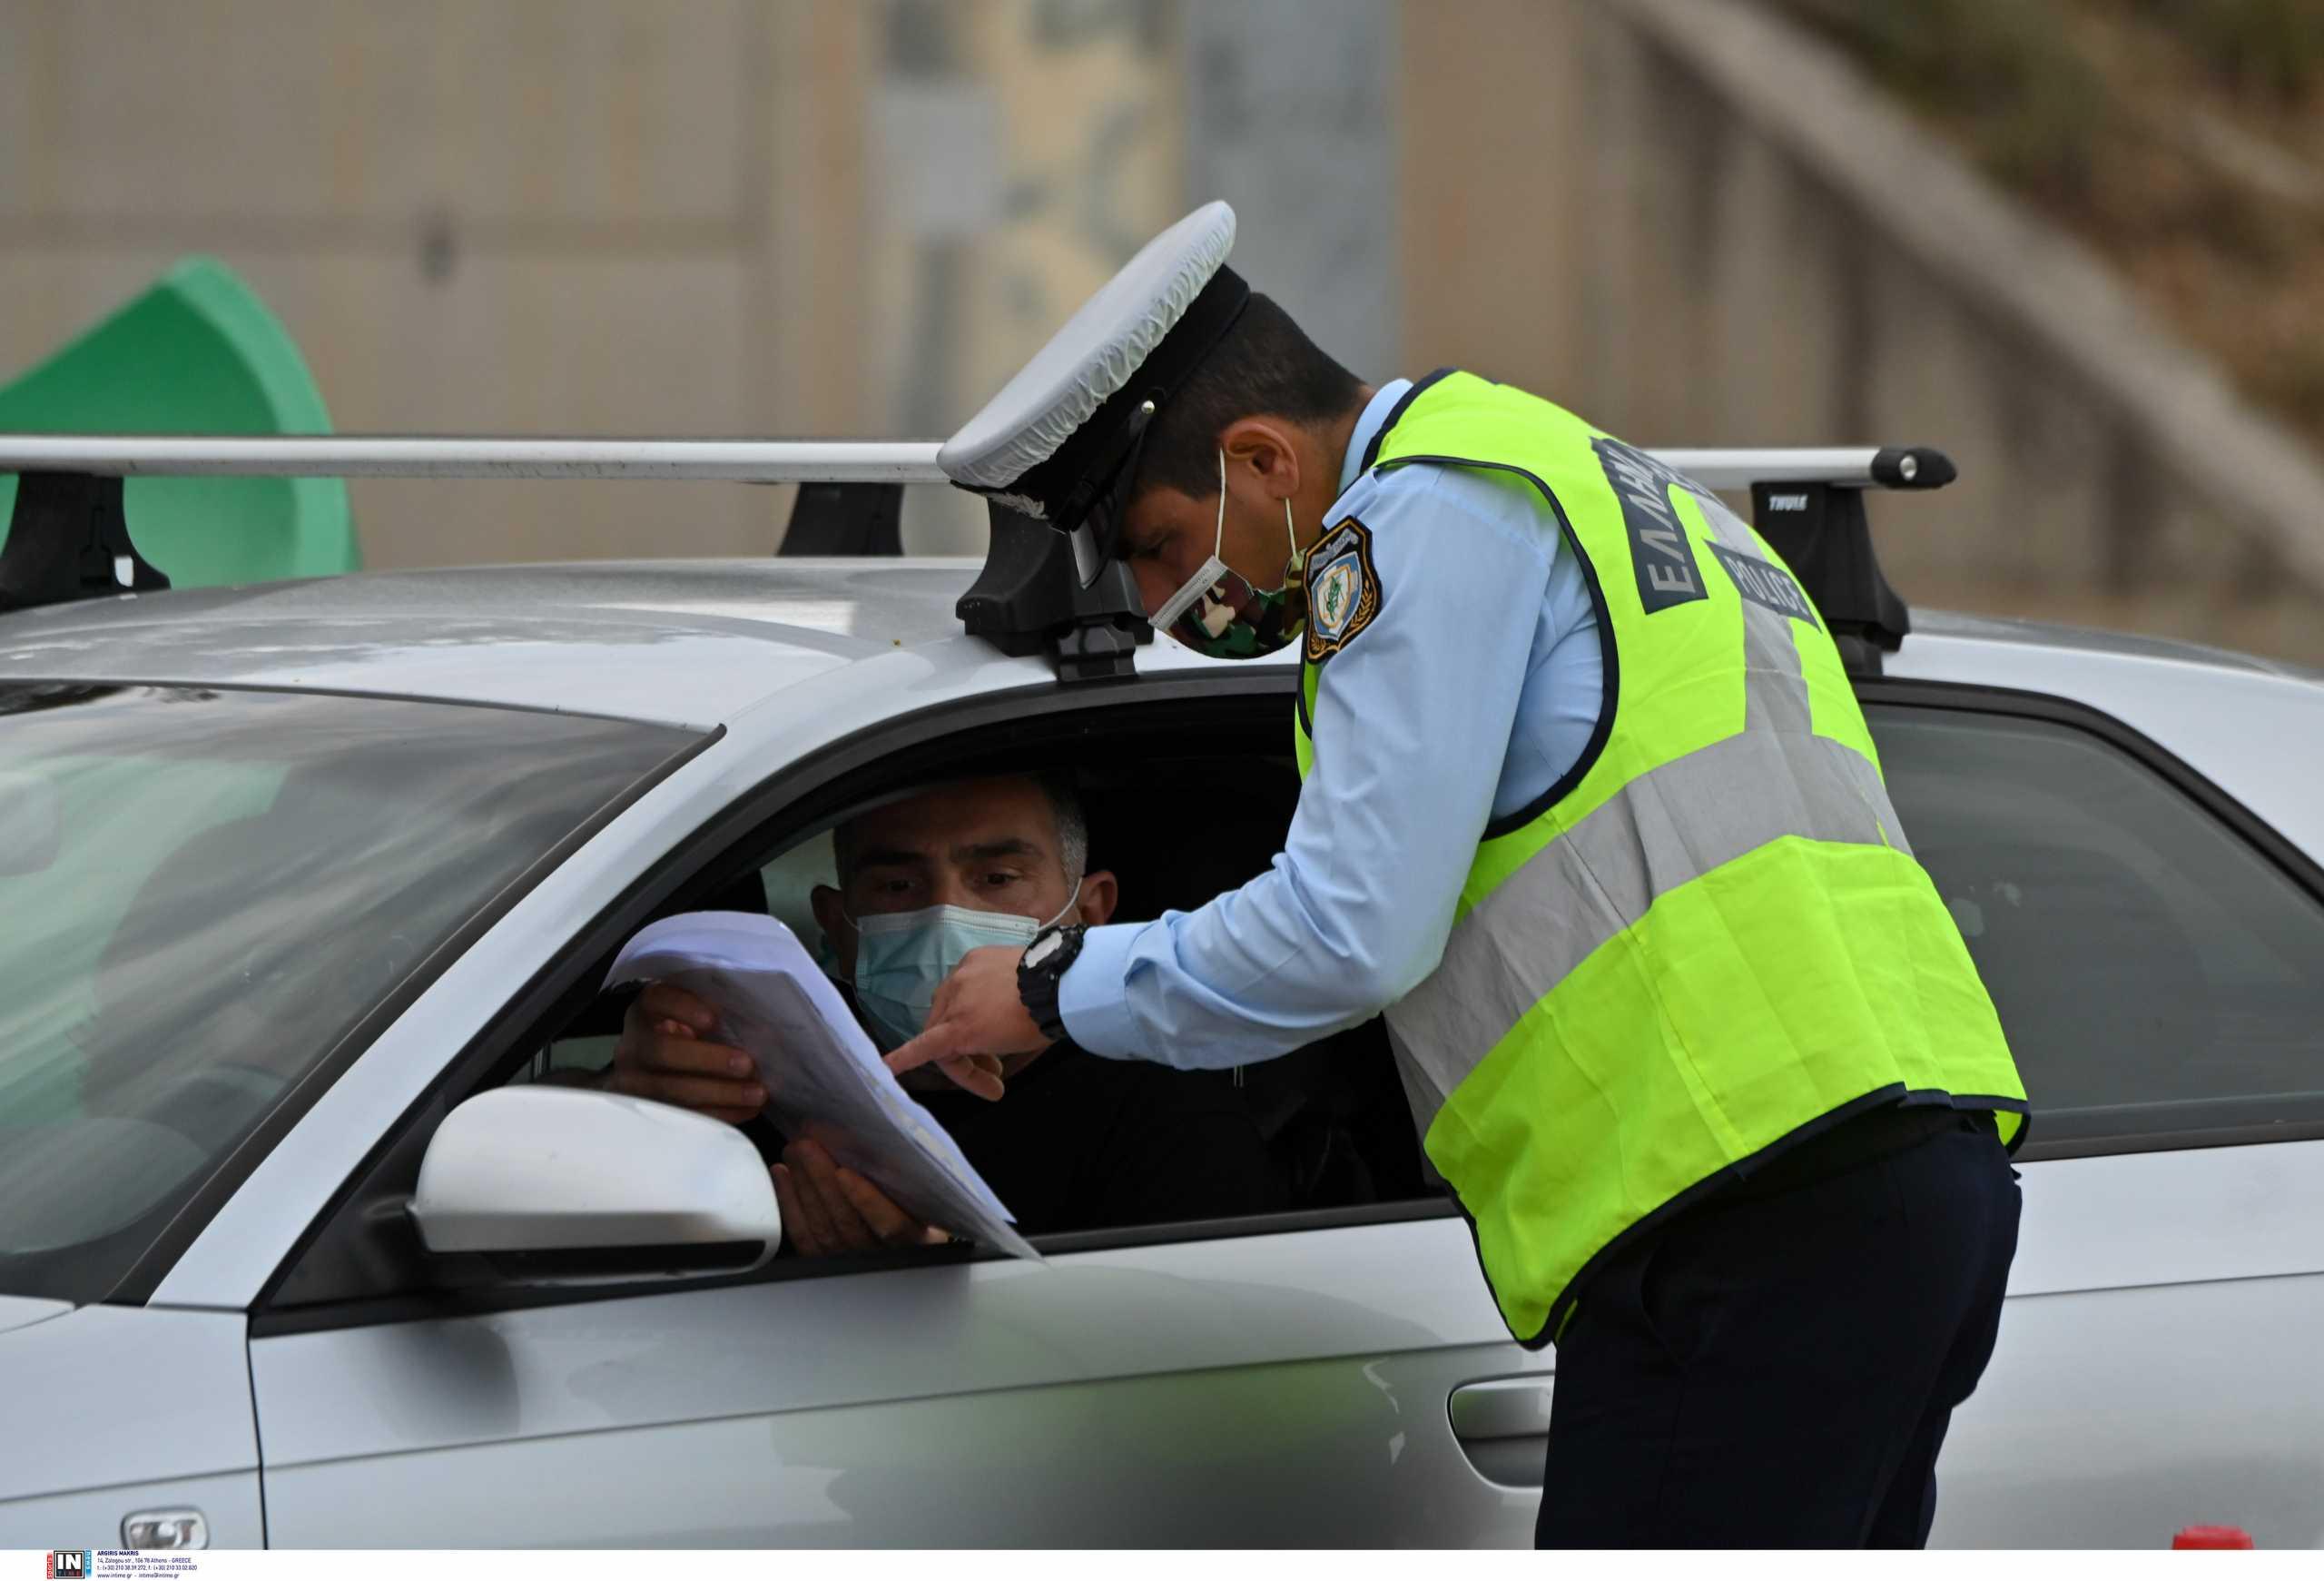 Τροχαία: Πολύ αυστηροί οι έλεγχοι όλη τη Μεγάλη Εβδομάδα – Πόσοι πέρασαν τα διόδια